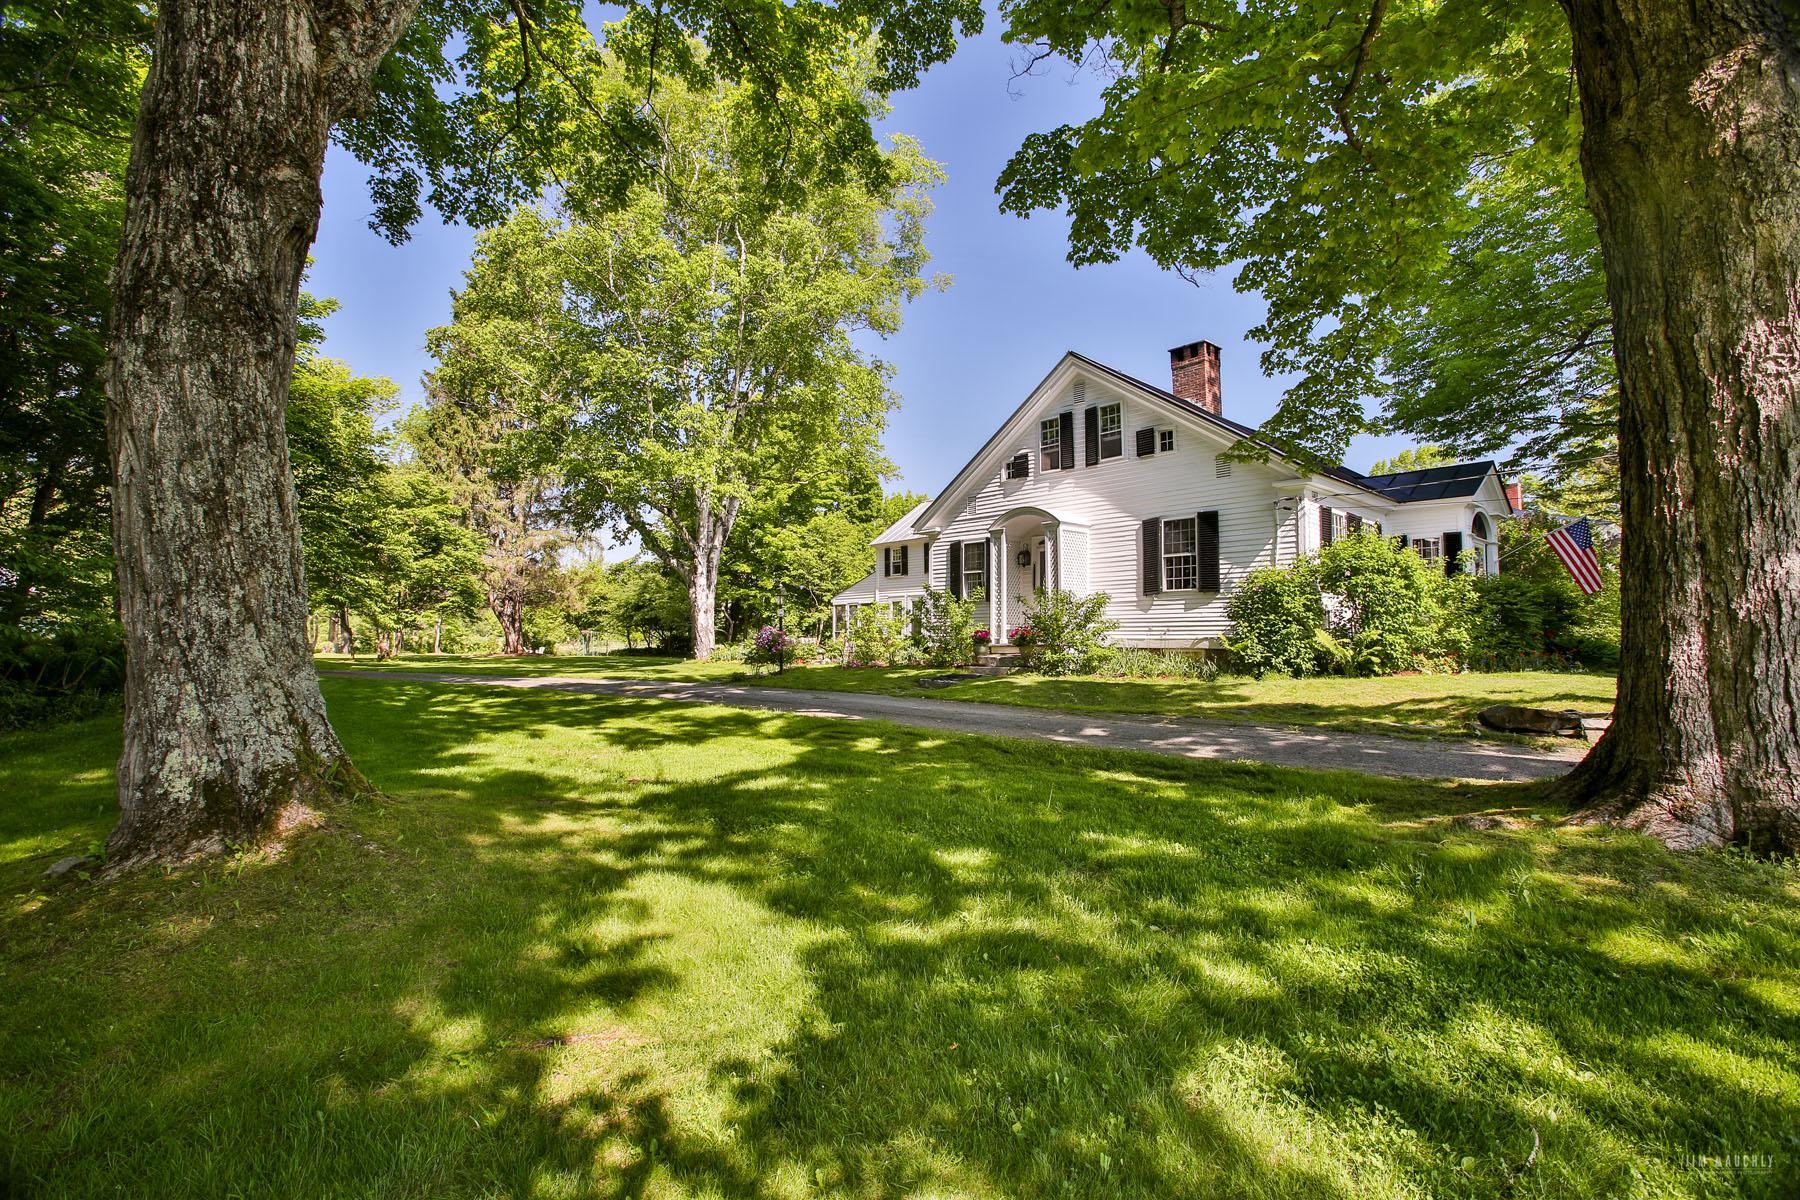 獨棟家庭住宅 為 出售 在 140 Academy Road, Thetford 140 Academy Rd Thetford, 佛蒙特州 05074 美國